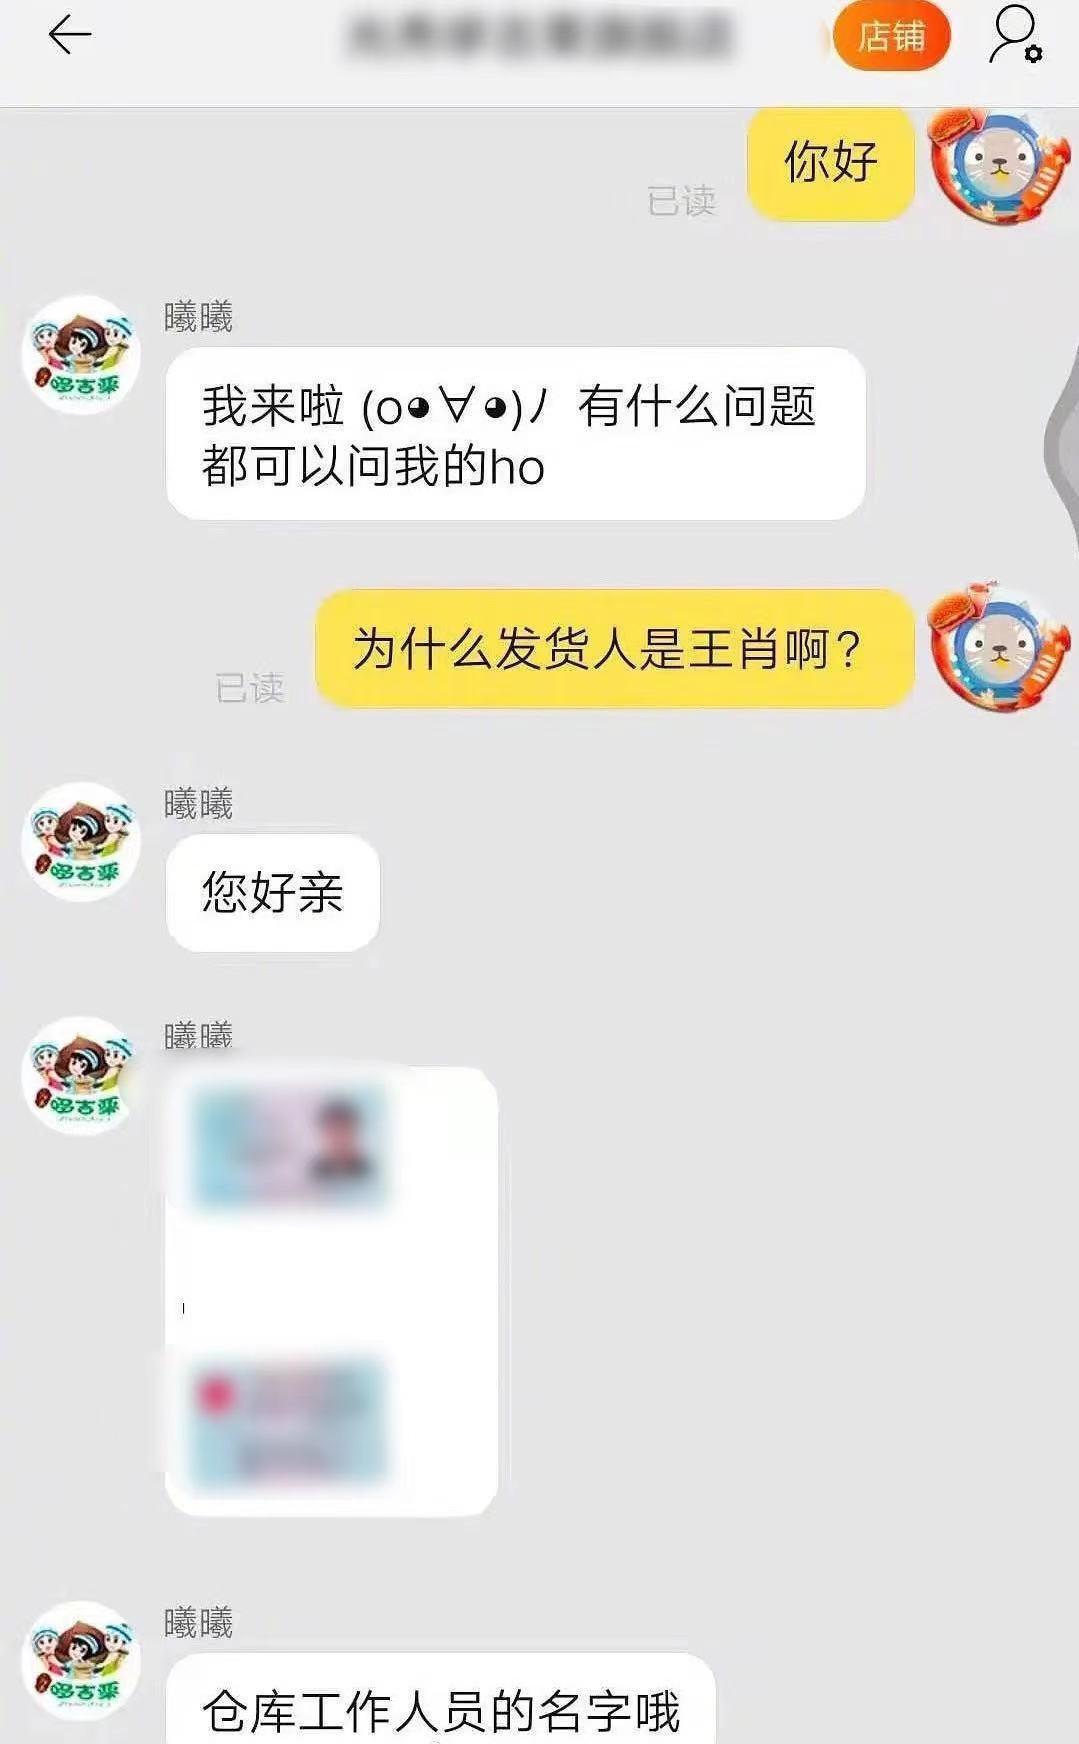 """王一博新歌豆瓣9.7分,肖戰心情大好曬靚照,CP粉又""""過年""""瞭-圖7"""